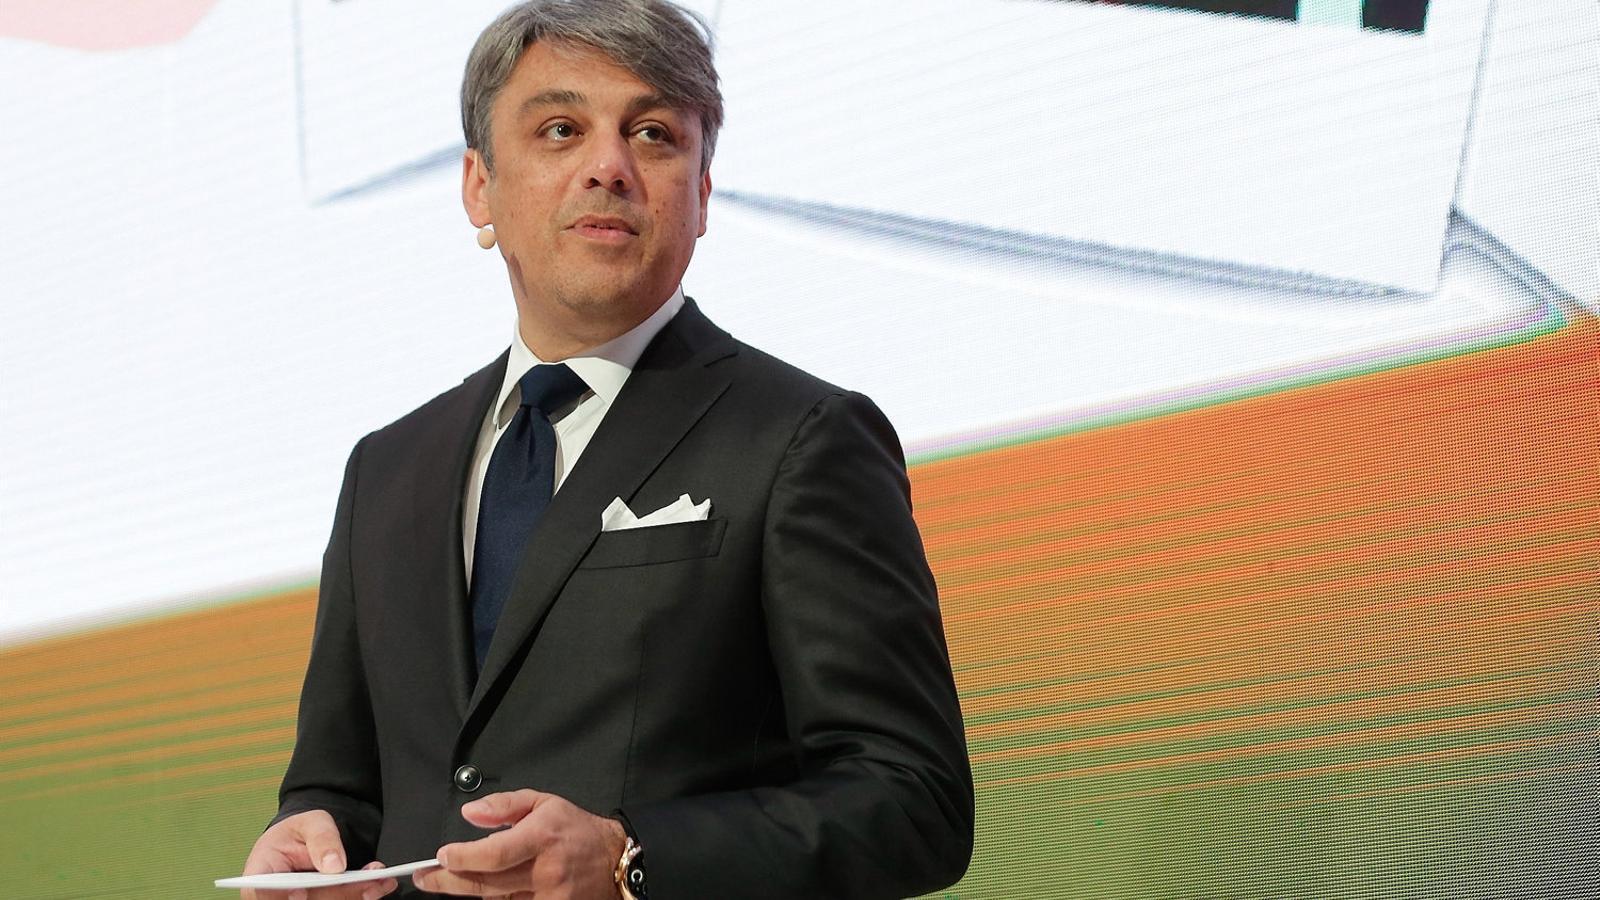 El president de Seat tranquil·litza la plantilla per la crisi dels motors de Volkswagen